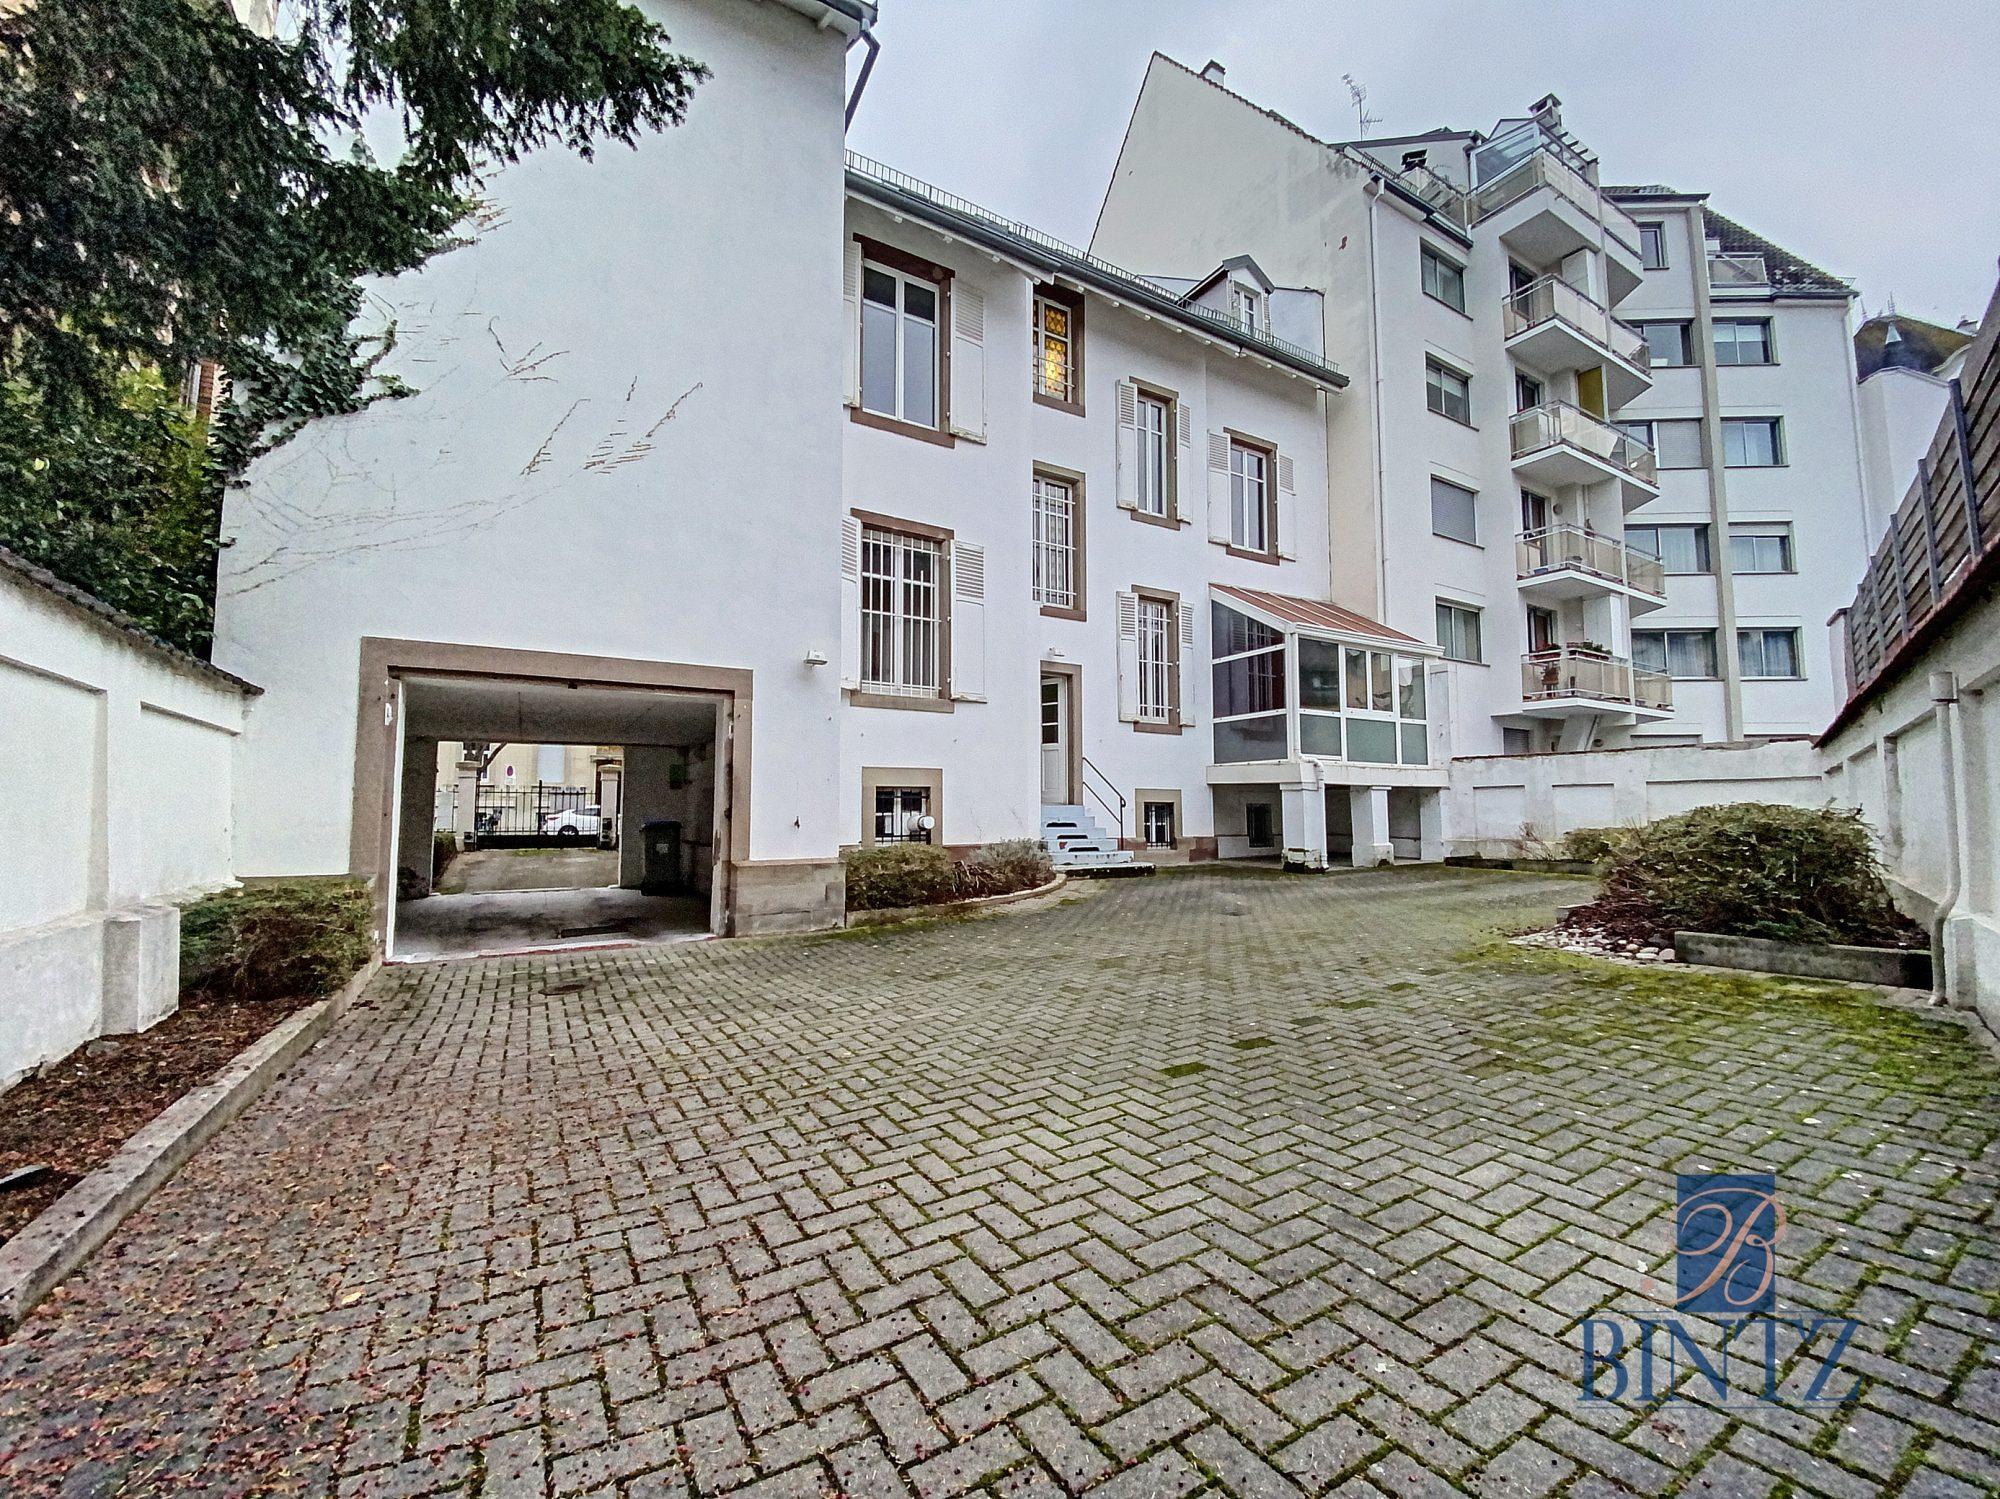 Immeuble de bureaux à louer - Devenez locataire en toute sérénité - Bintz Immobilier - 14